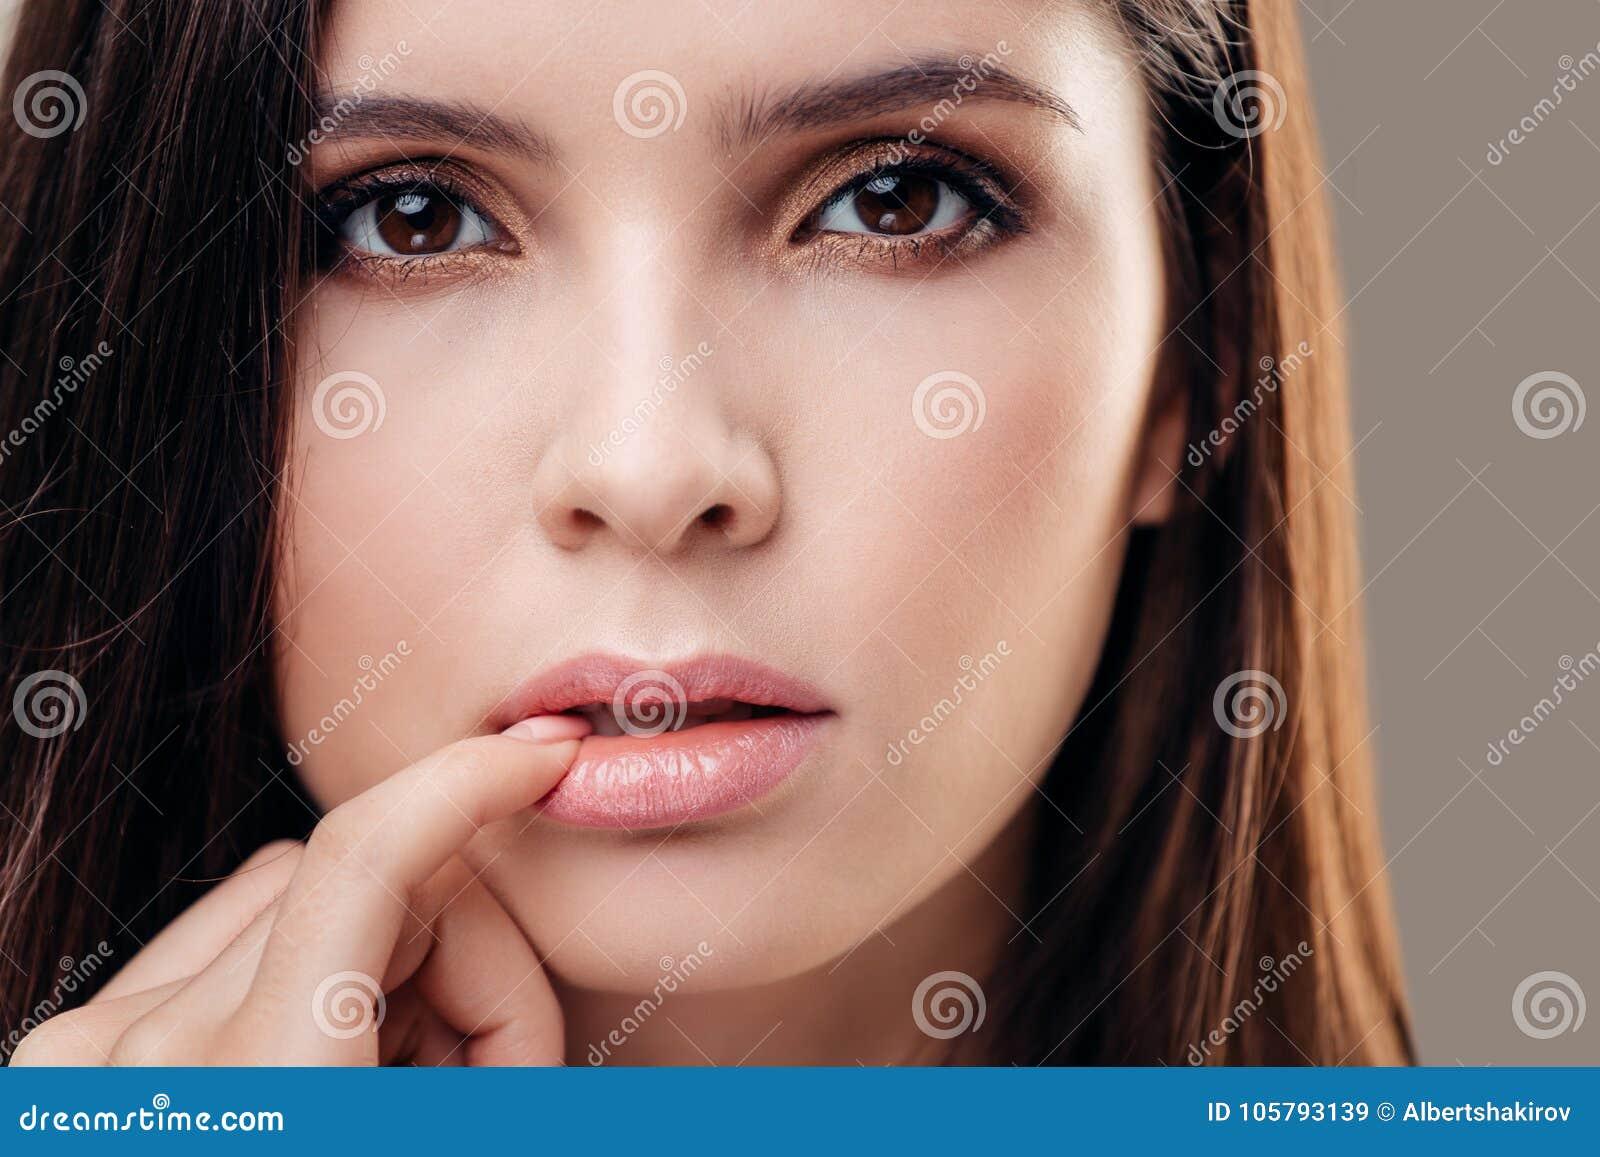 jonge vrouw seductively wat betreft vinger aan lippen